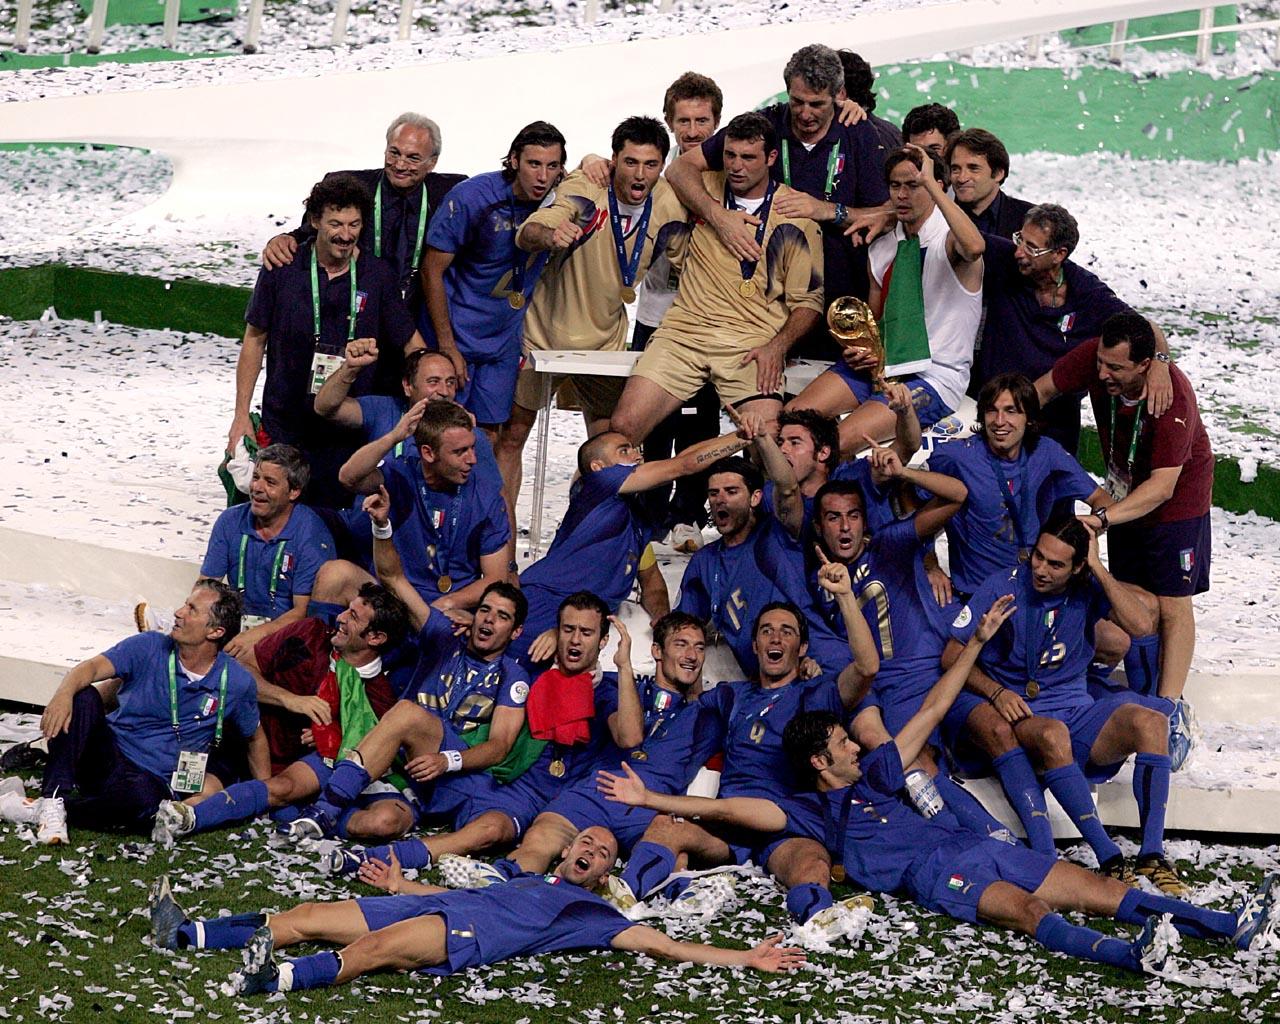 Чм 2006 финал футбол 3 фотография